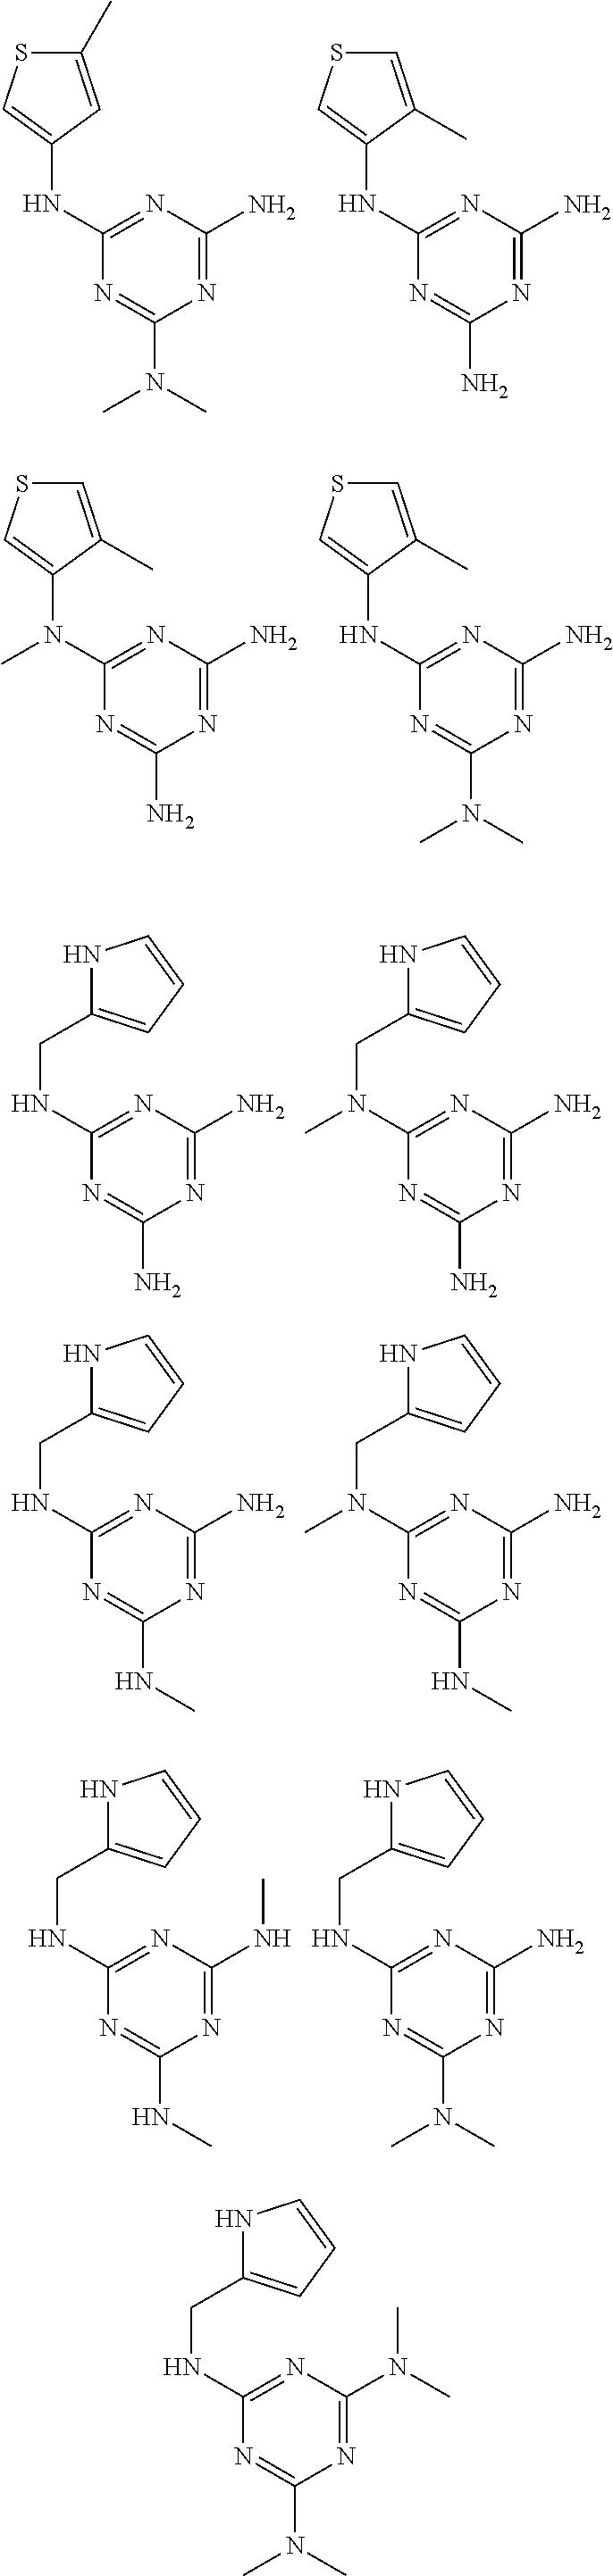 Figure US09480663-20161101-C00129